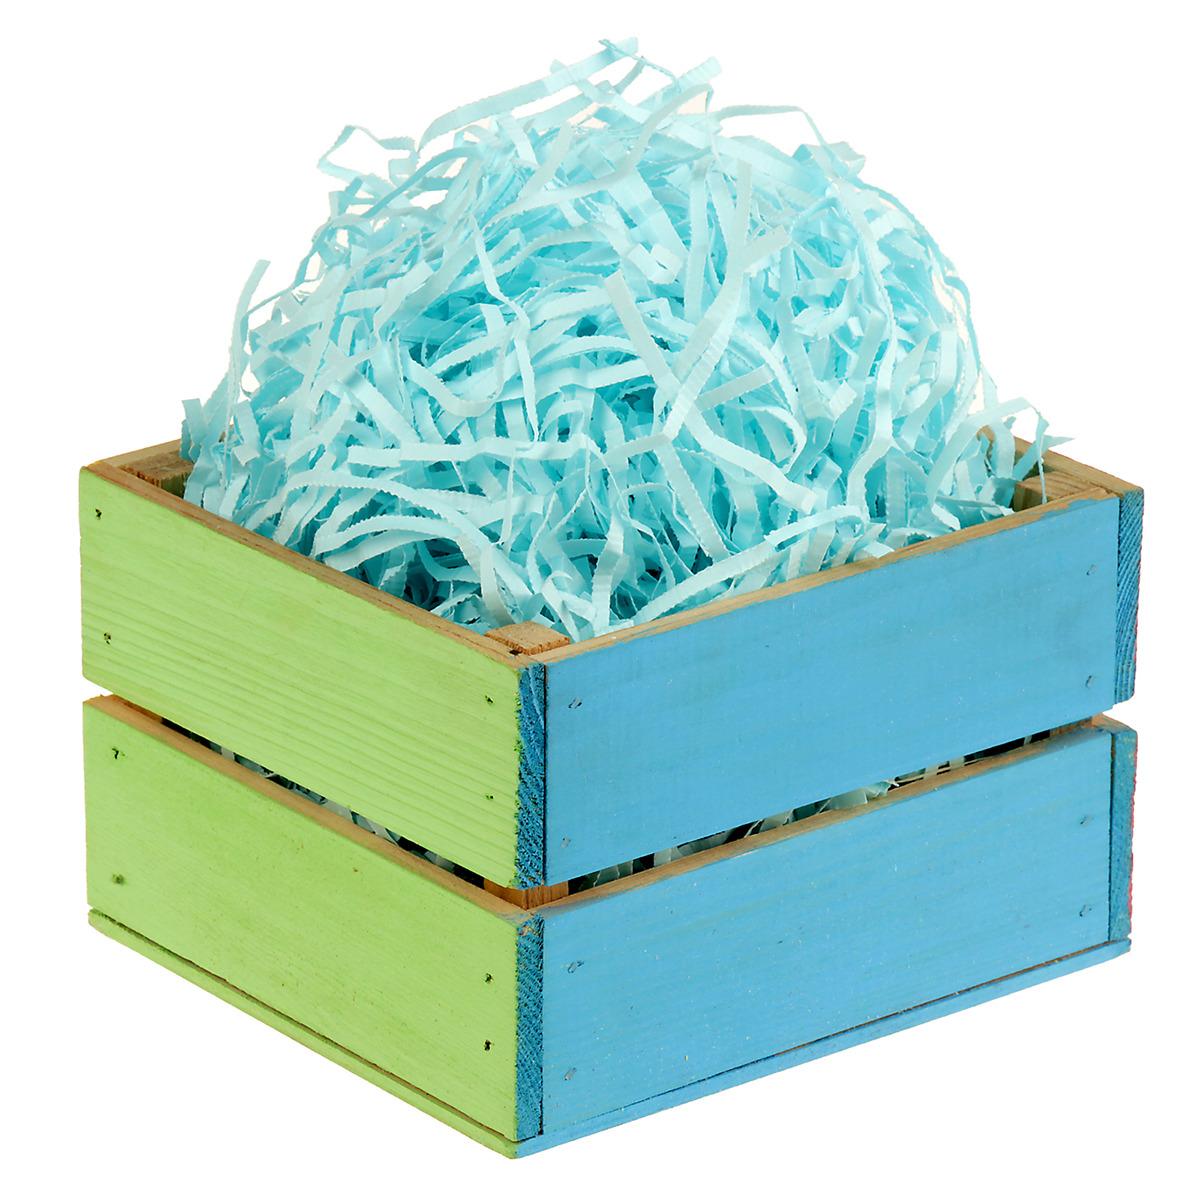 Декоративный наполнитель, 2984409, голубой, 1 кг